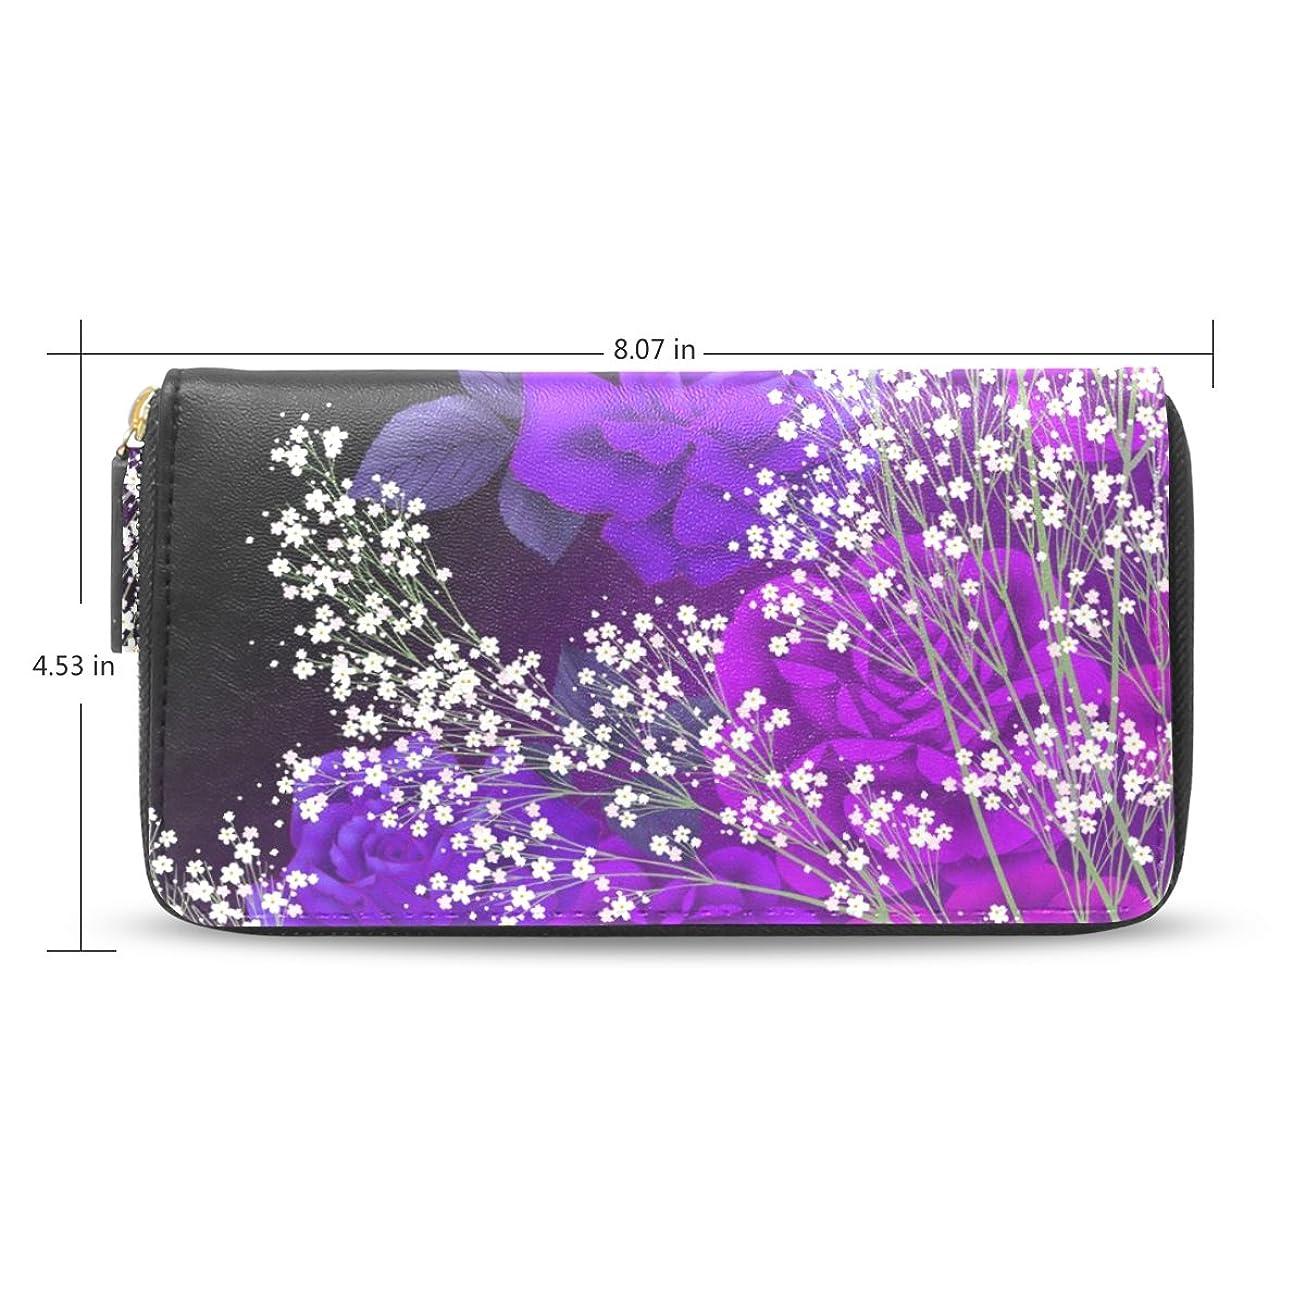 口述快適ながらUSAKI(ユサキ) レディース メンズ ファスナー 財布,かわいい 和風 和柄 きれい 花柄 小柄,お札 小銭 カード入れ 大容量 長財布 入学式 卒業式 誕生日 プレゼント M56